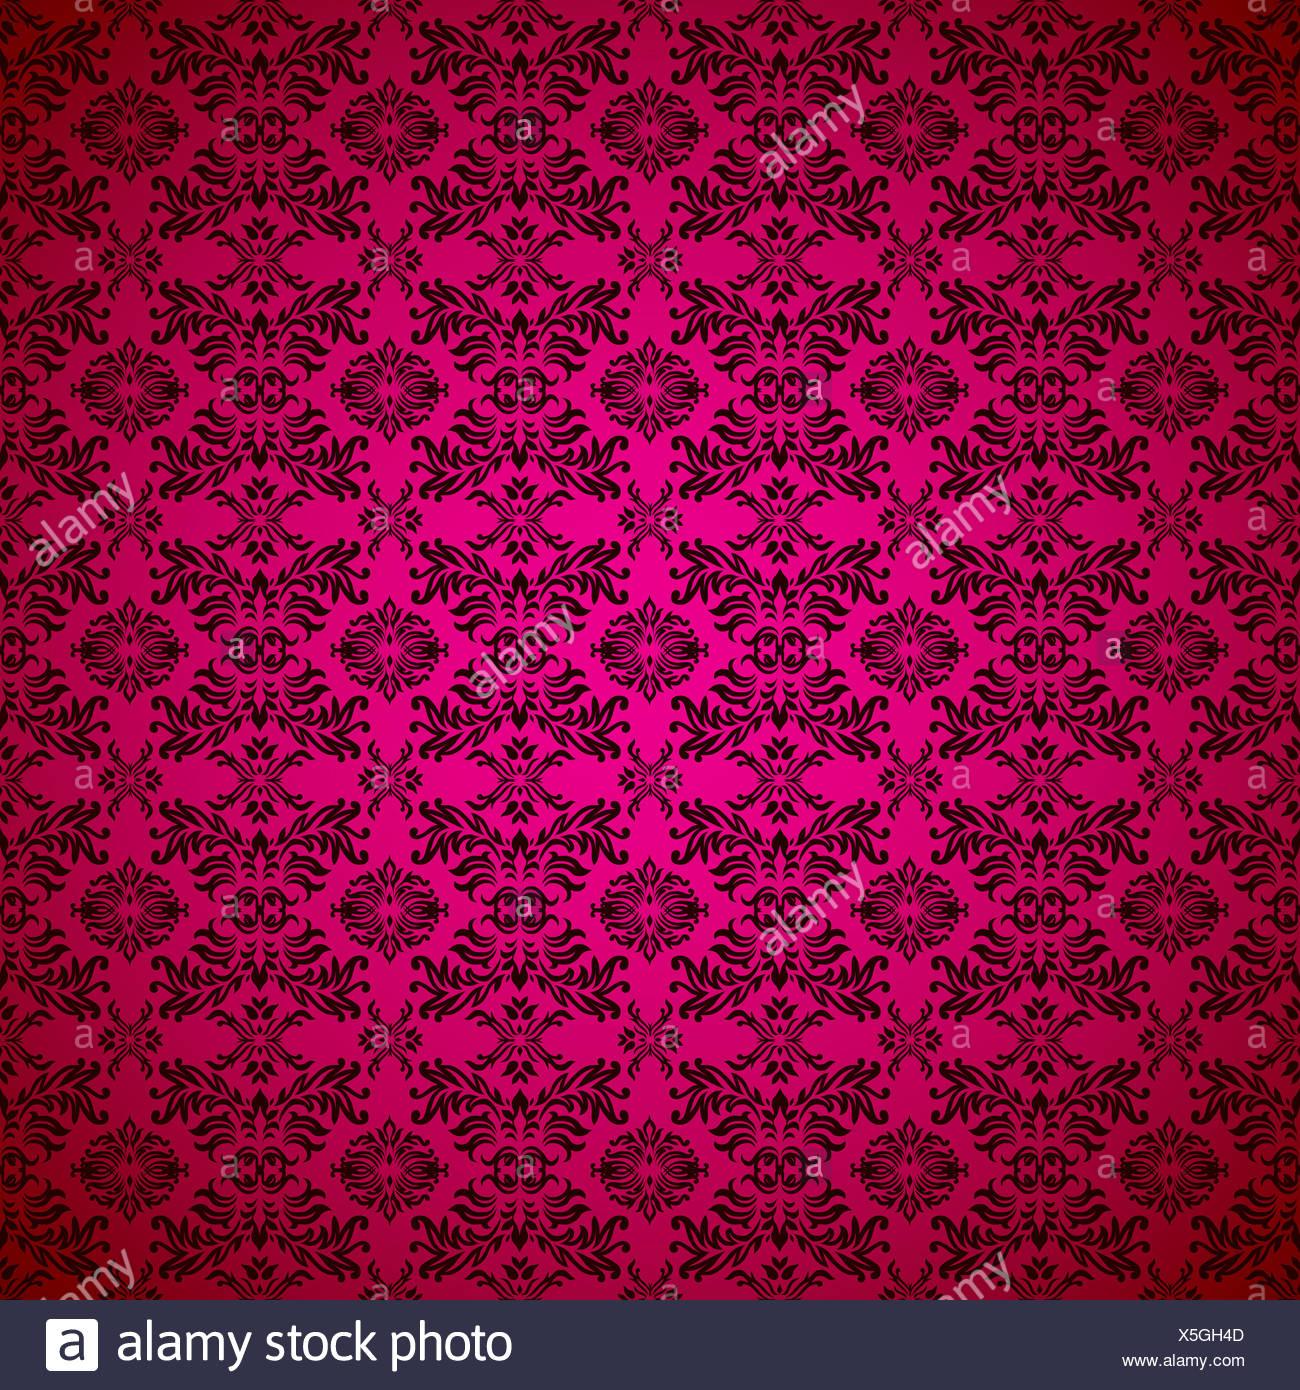 magenta wallpaper pattern - Stock Image